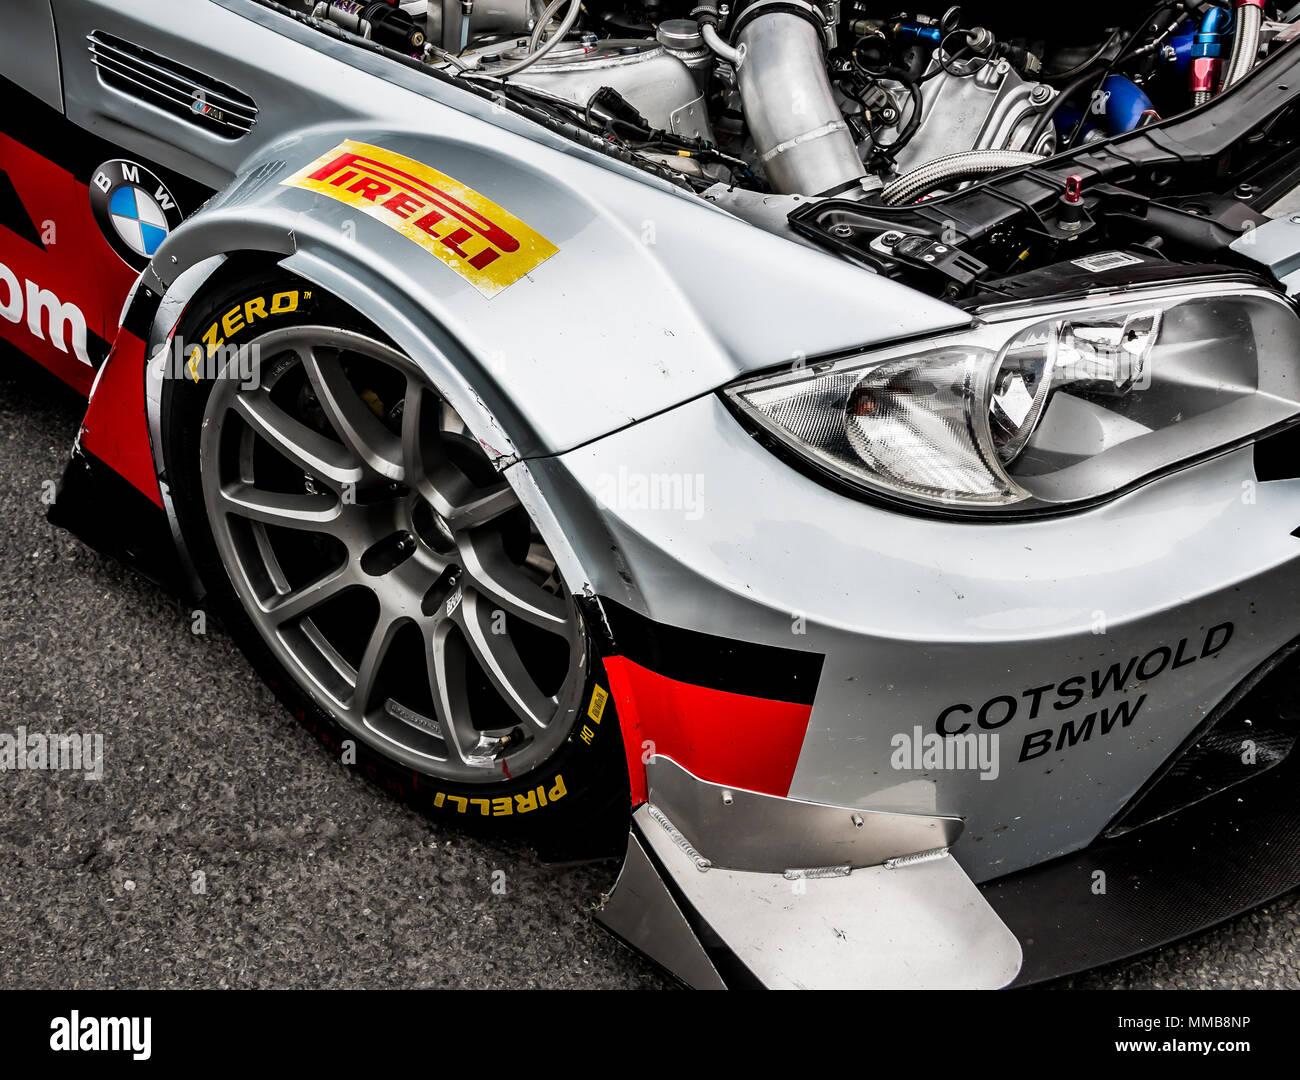 Bmw 1 Series Gt3 Racing Car Stock Photo 184645154 Alamy